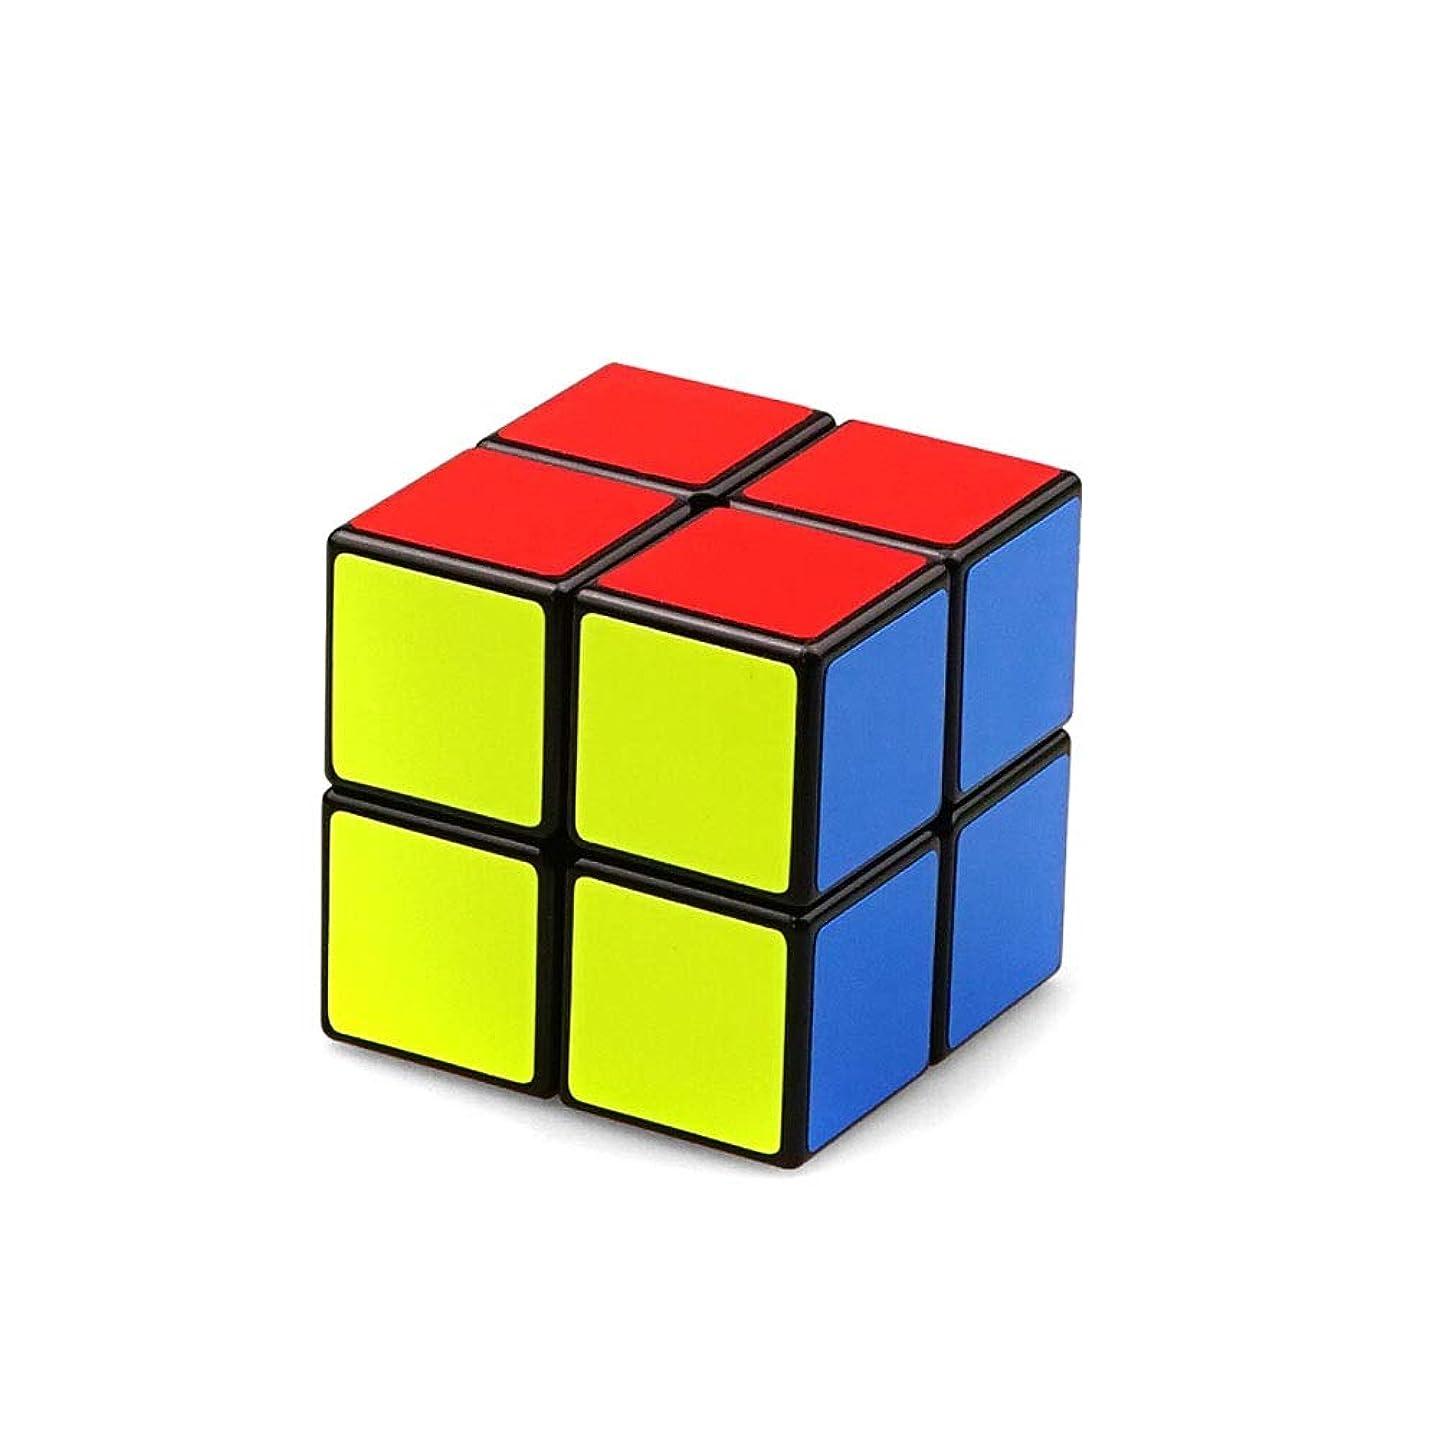 米ドル頻繁に保存ルービックキューブ、ゲームのプロフェッショナルルービックキューブを楽しませるために使用されるスムーズで快適なルービックキューブ(2次/ 3次/ 4次/ 5次) (Edition : Two-order)